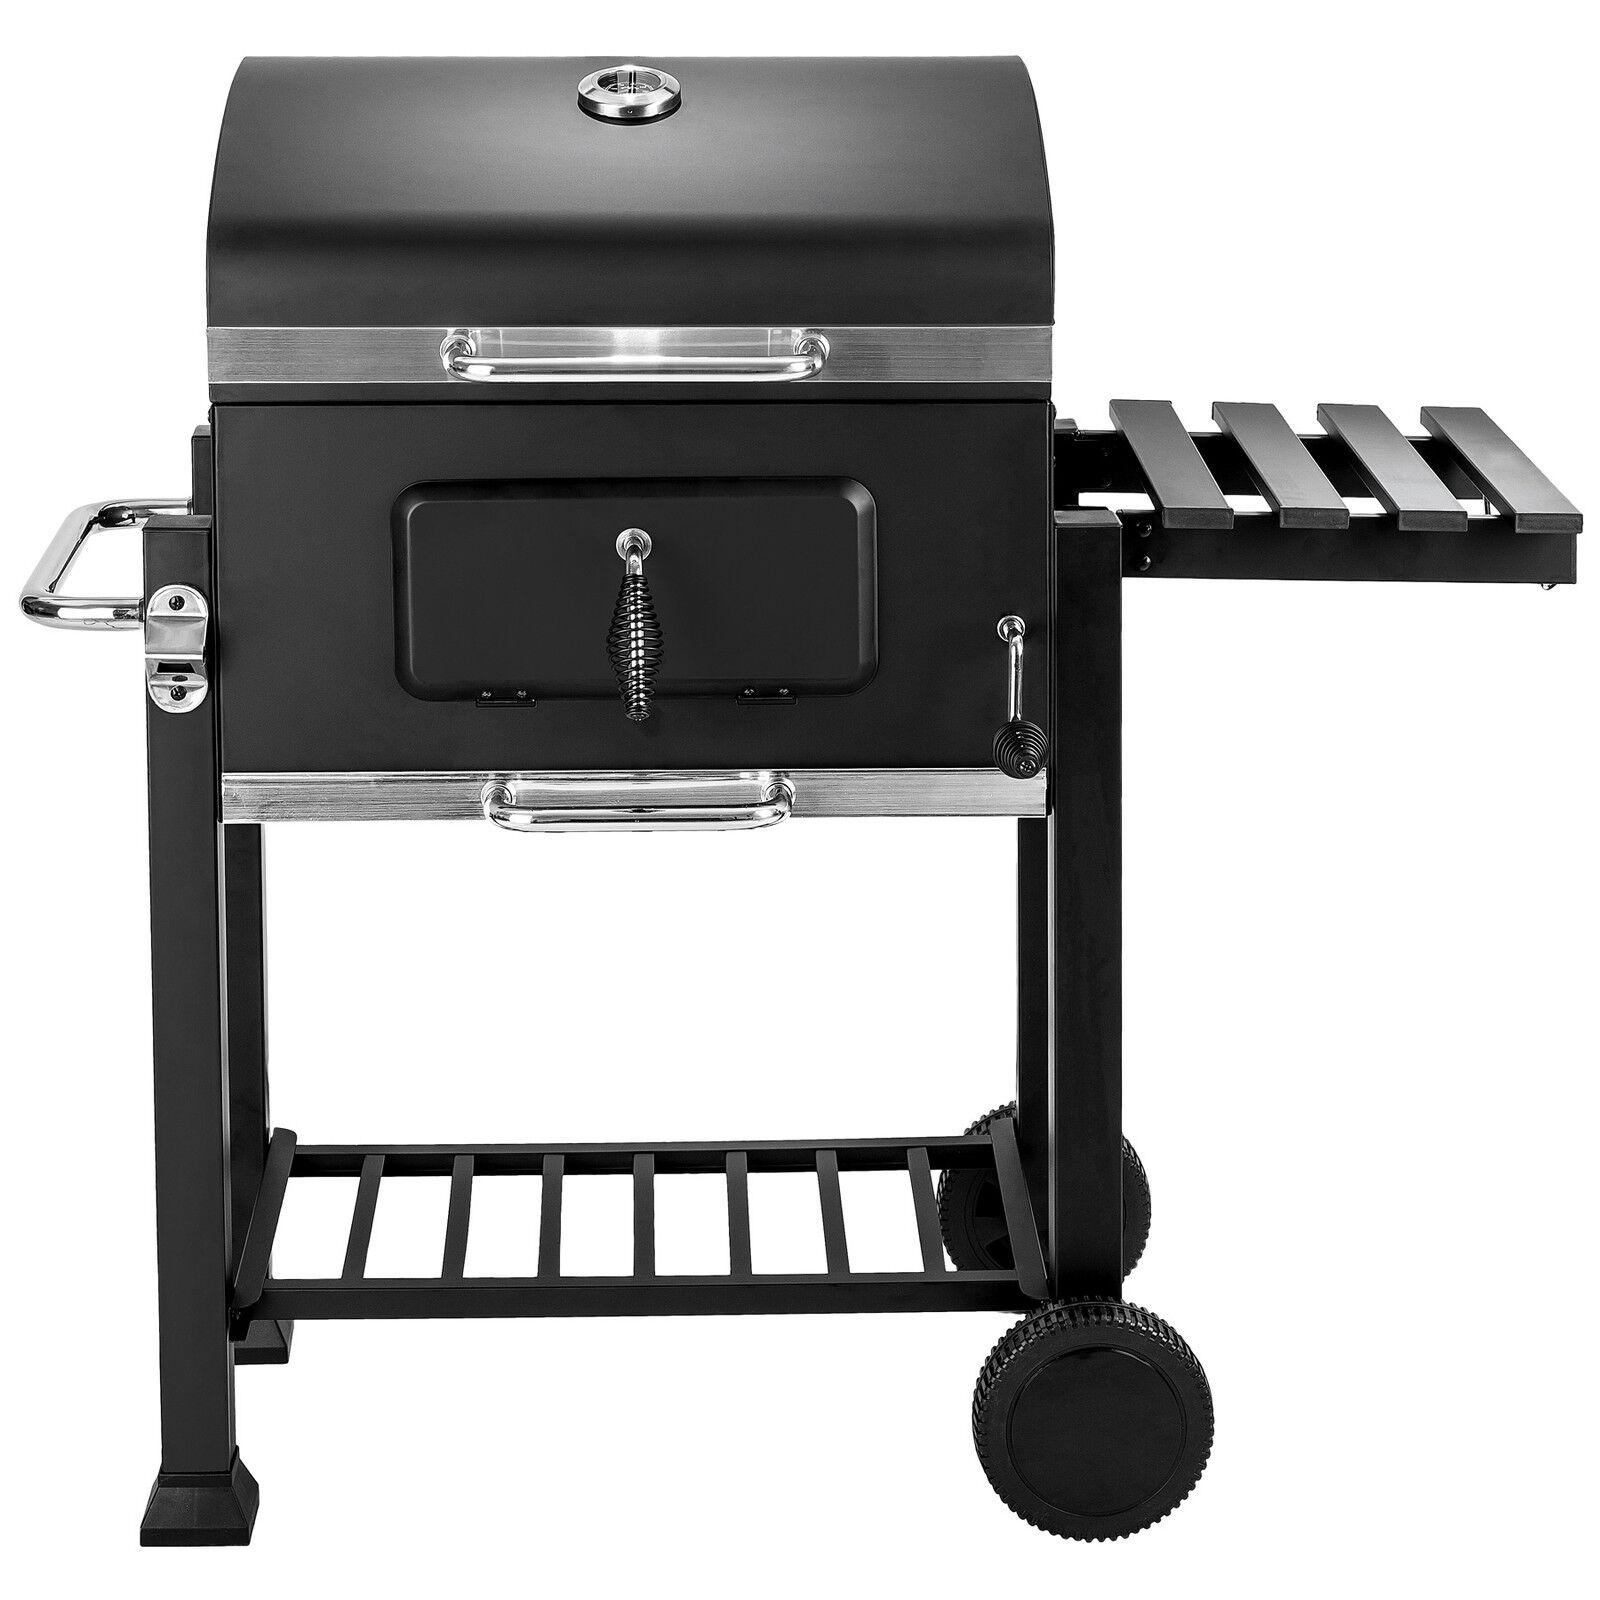 holzkohlegrill bbq holzkohle barbecue smoker grill gartengrill grillwagen eur 93 99 picclick it. Black Bedroom Furniture Sets. Home Design Ideas